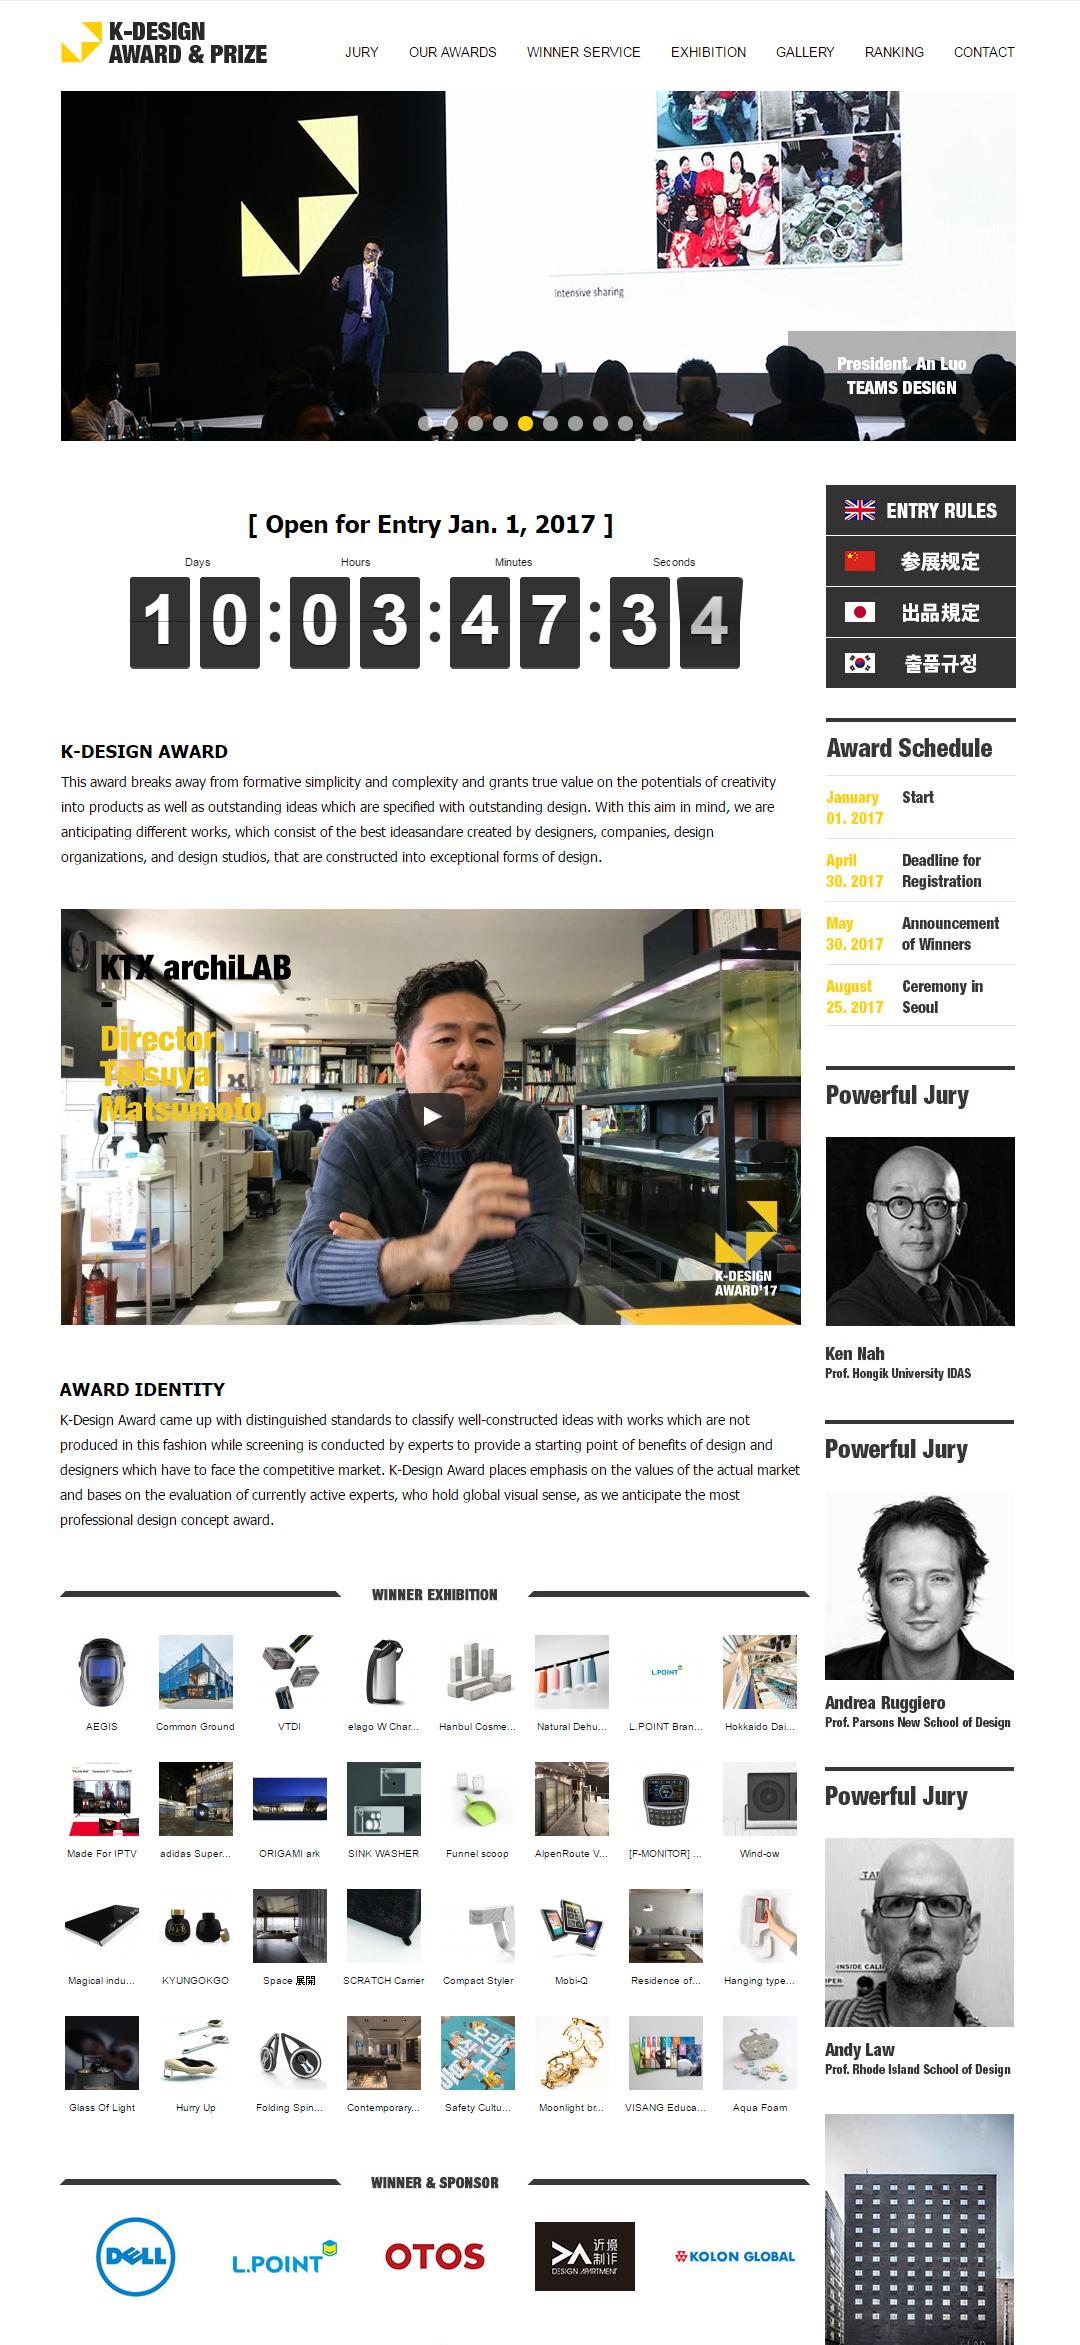 k-design-award-top